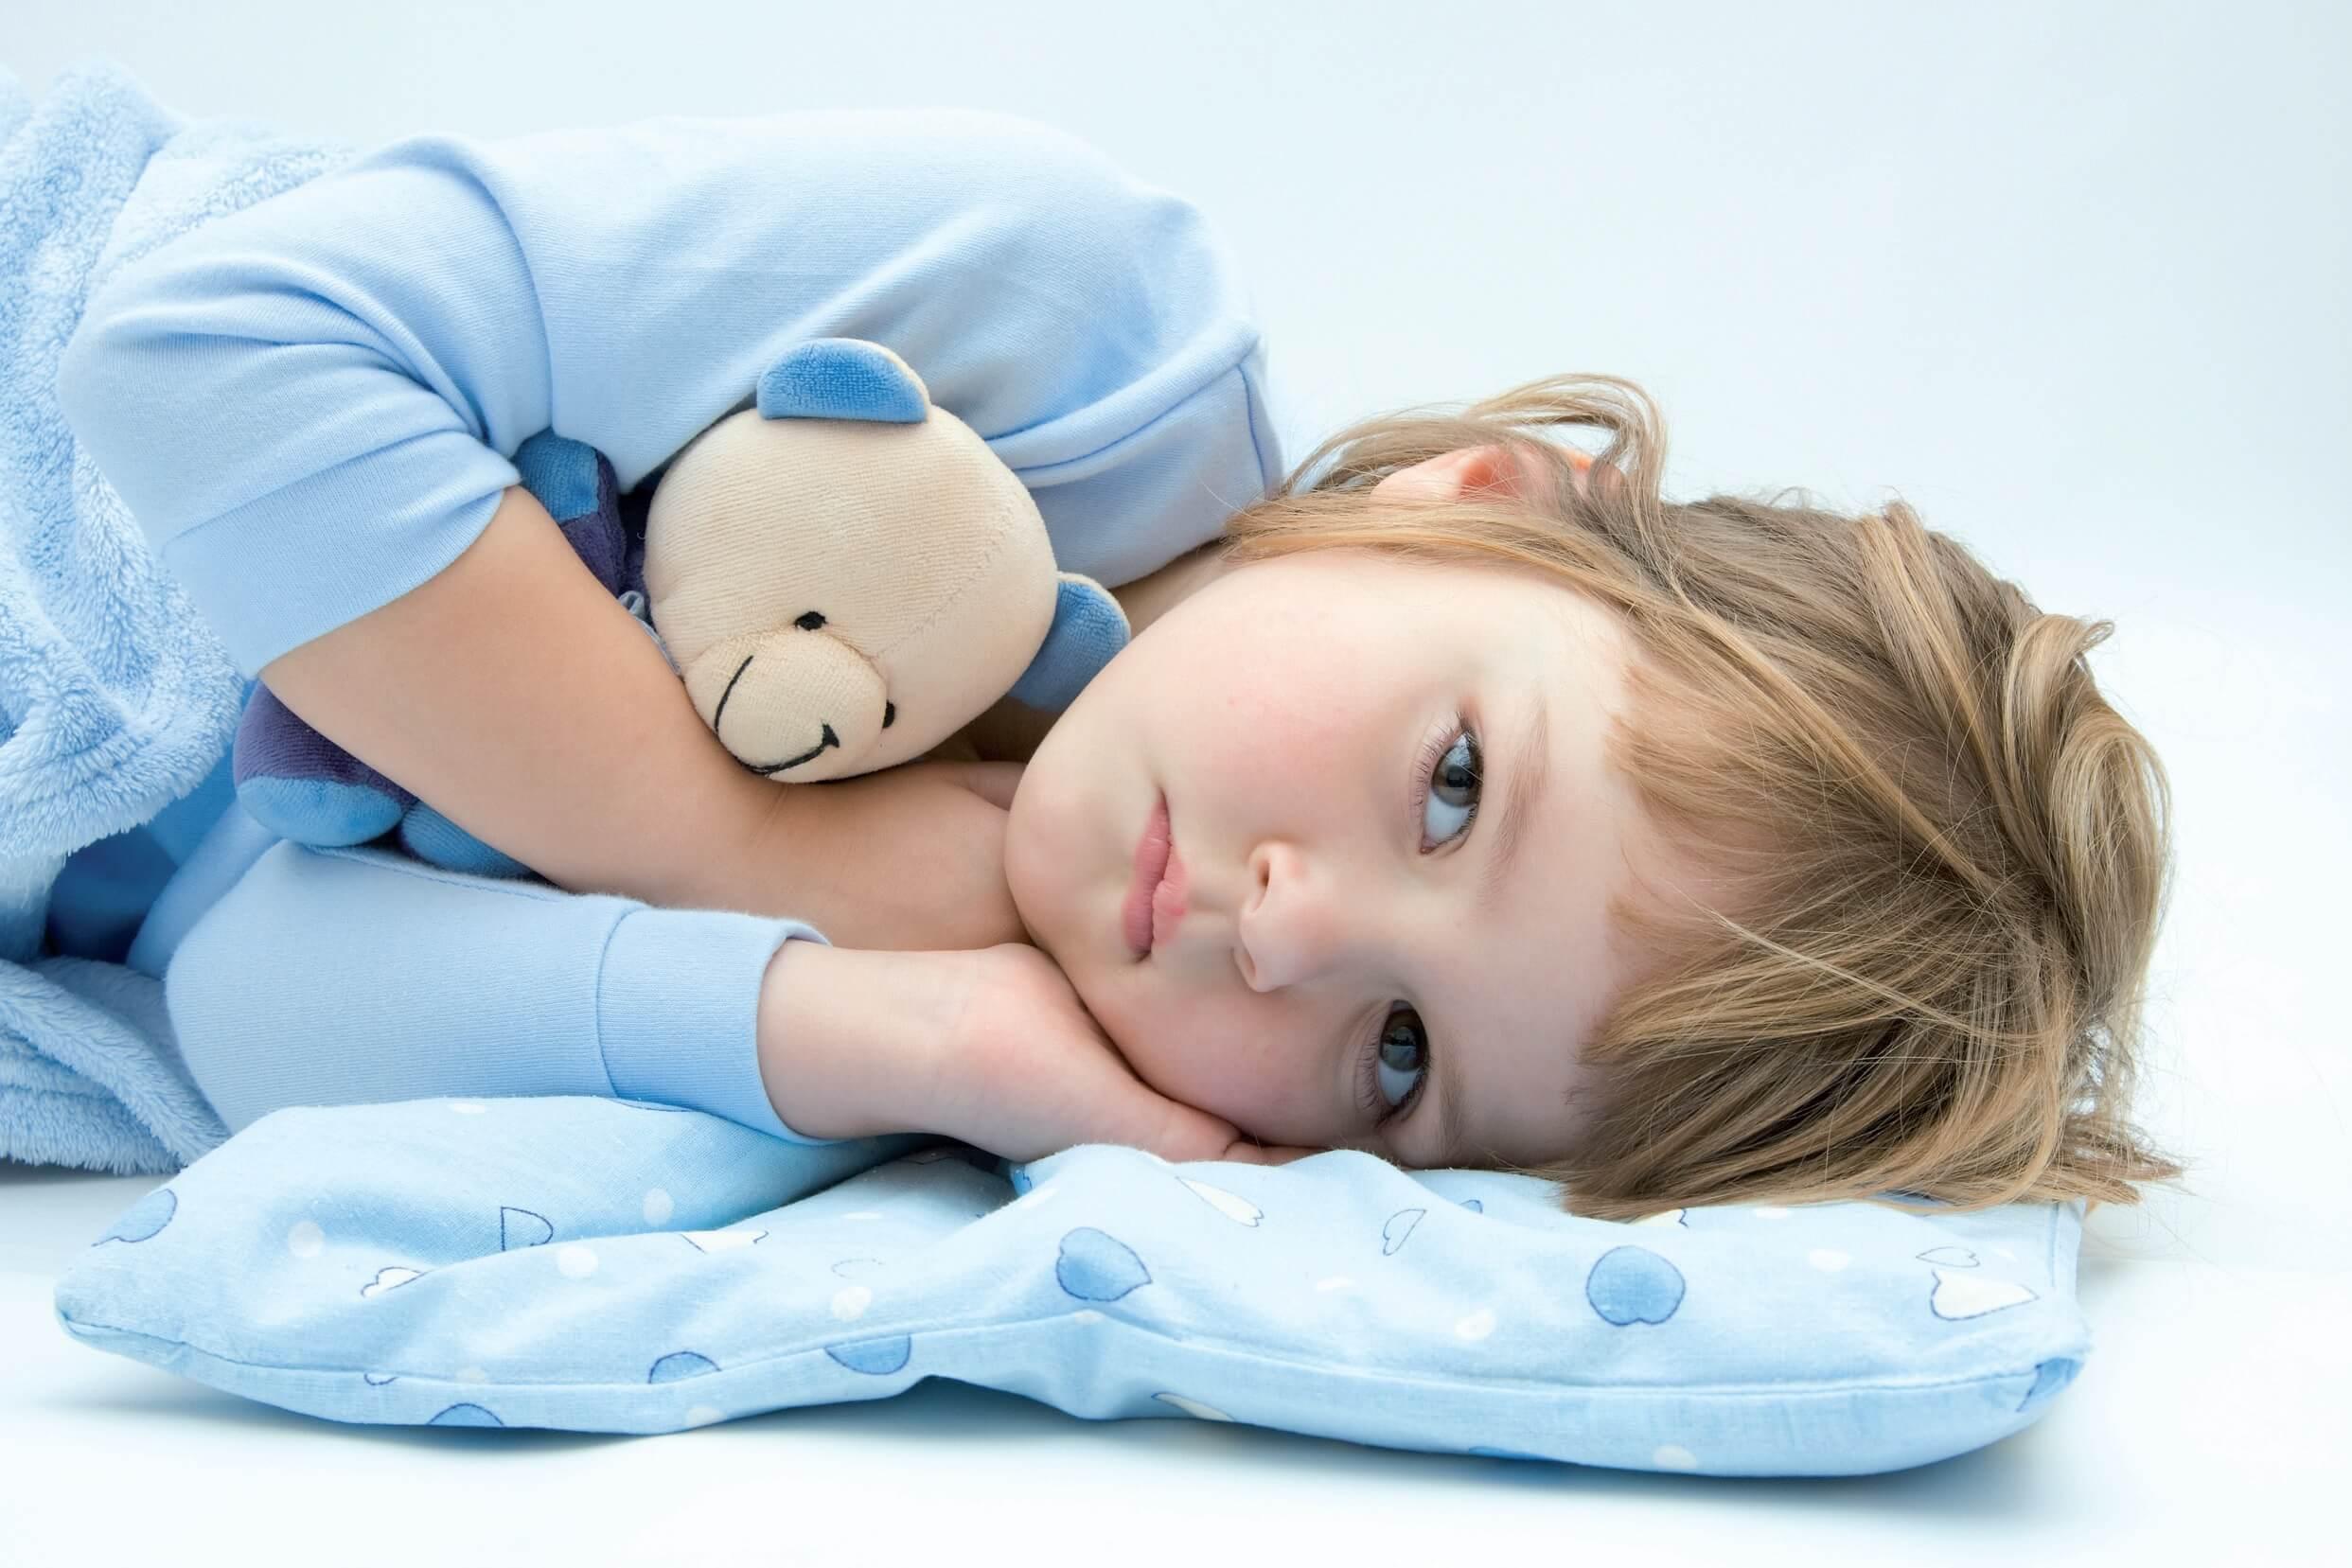 Nina despierta en la cama con pijama azul